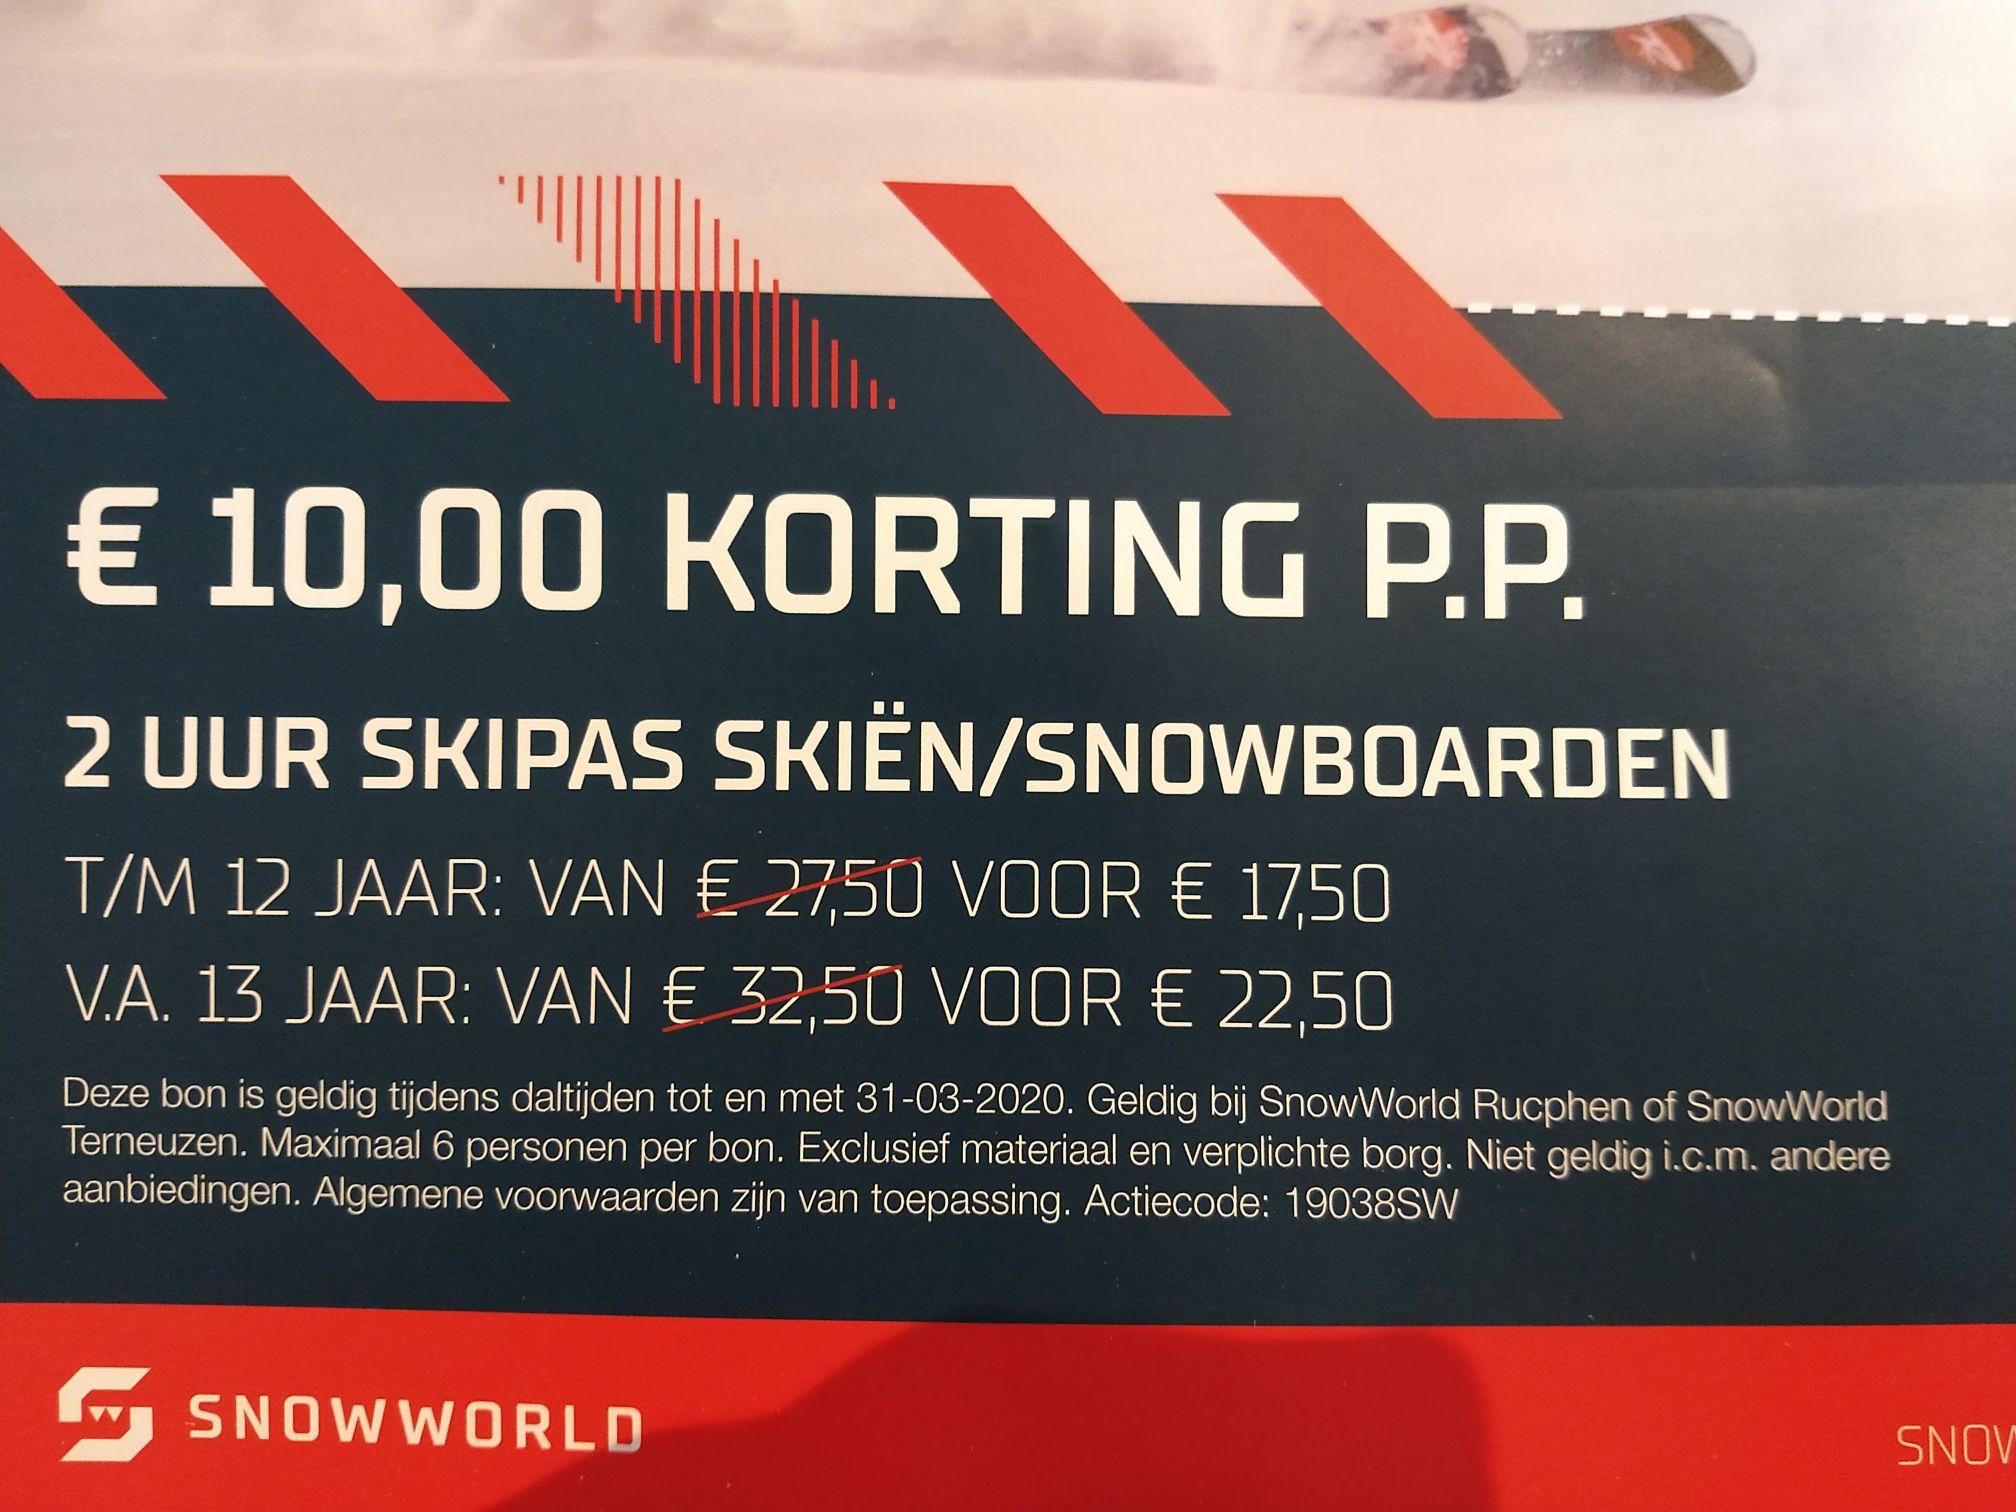 Tien euro korting bij Snowworld Rucphen en Terneuzen